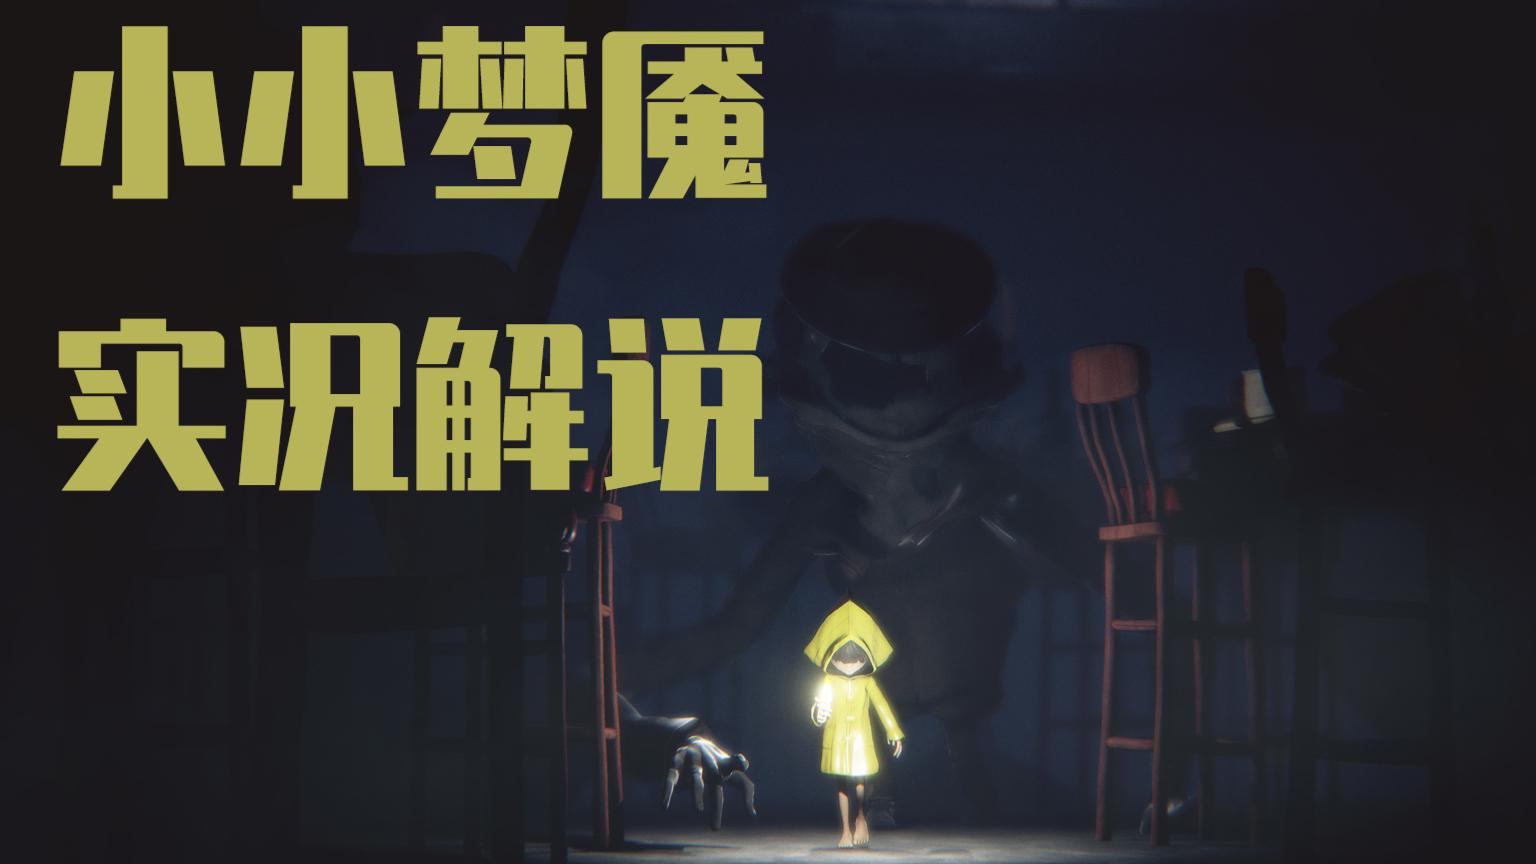 【小小噩梦】与长臂怪蜀黍斗智斗勇~实况淡定解说第二期 Vol.2